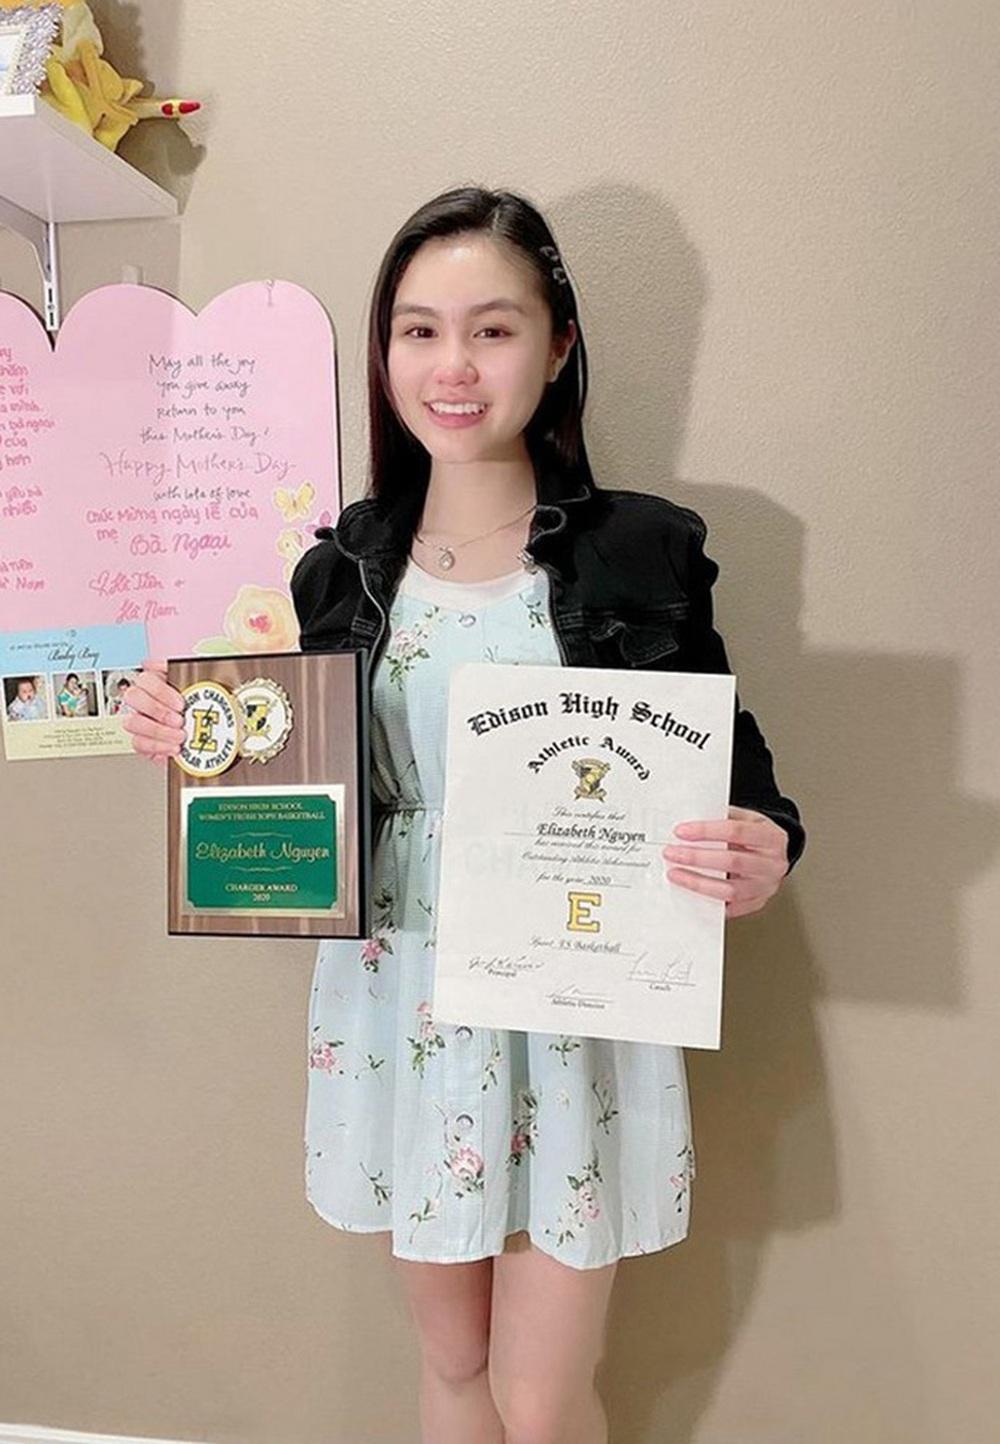 Vẻ phổng phao, tài giỏi ở tuổi 17 của con gái ruột NSƯT Ngọc Huyền - Ảnh 3.